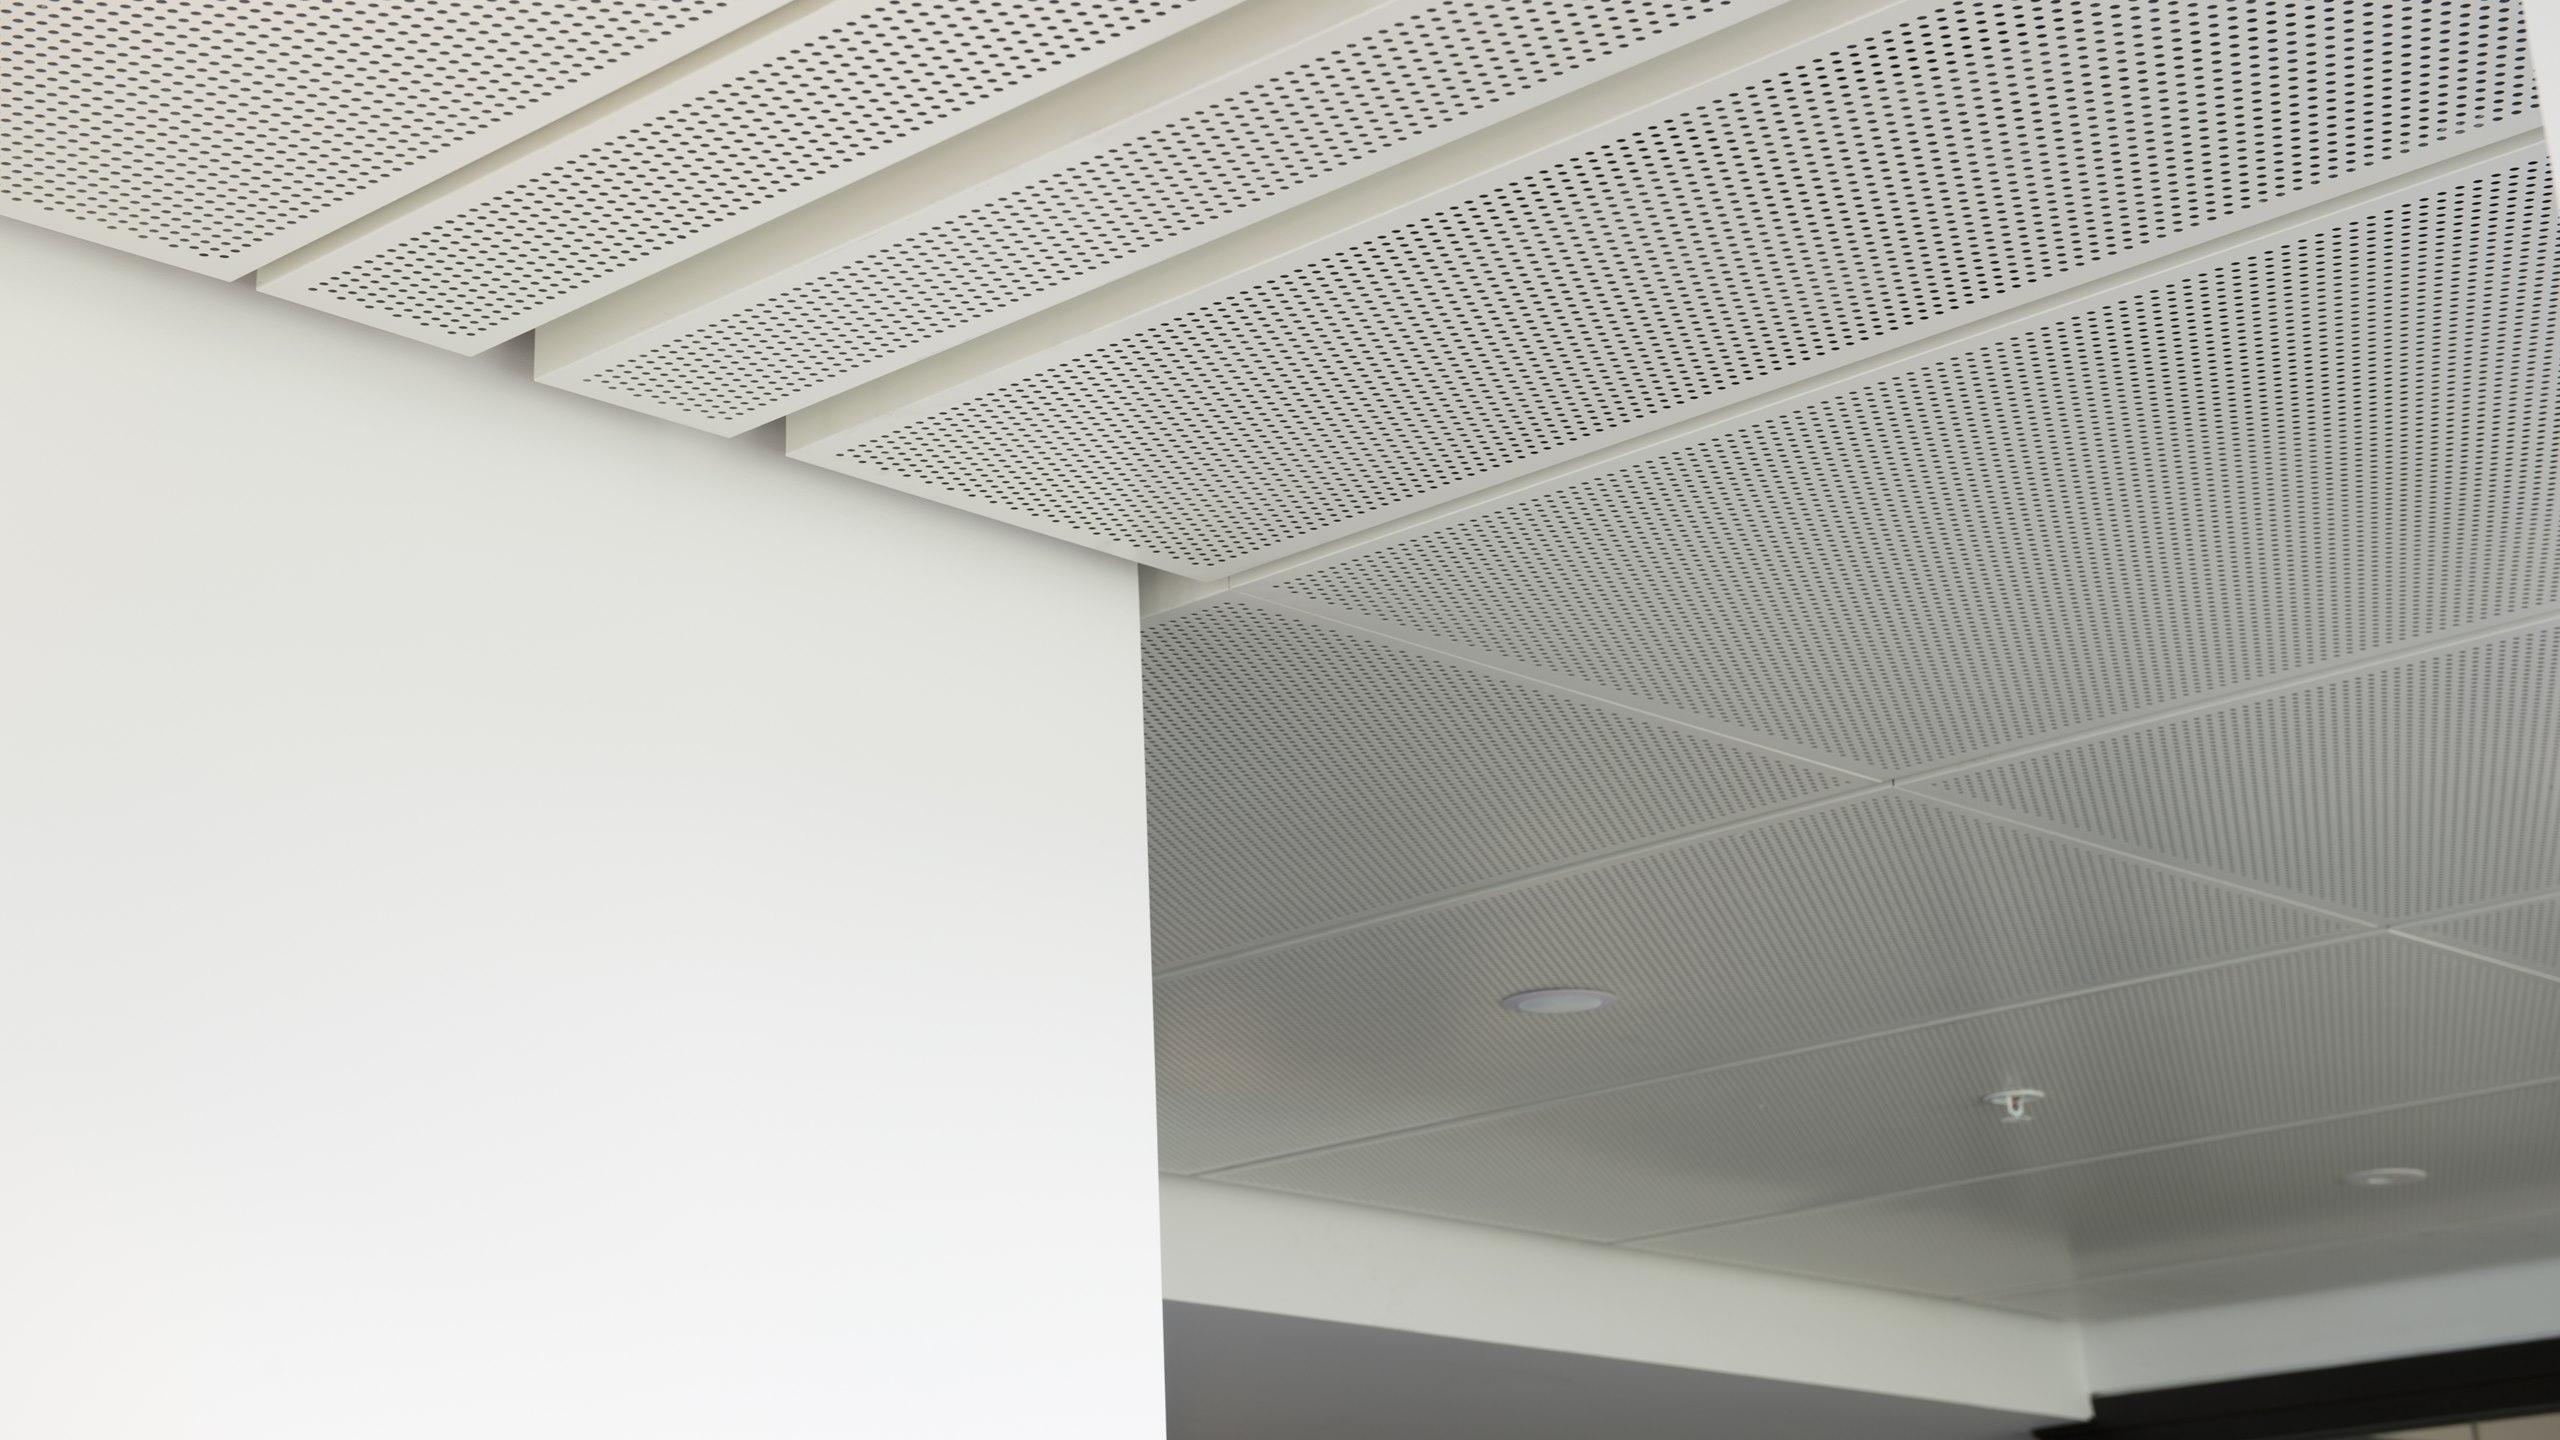 MIT Manukau Kitchen - Metapan with 100mm negative detail